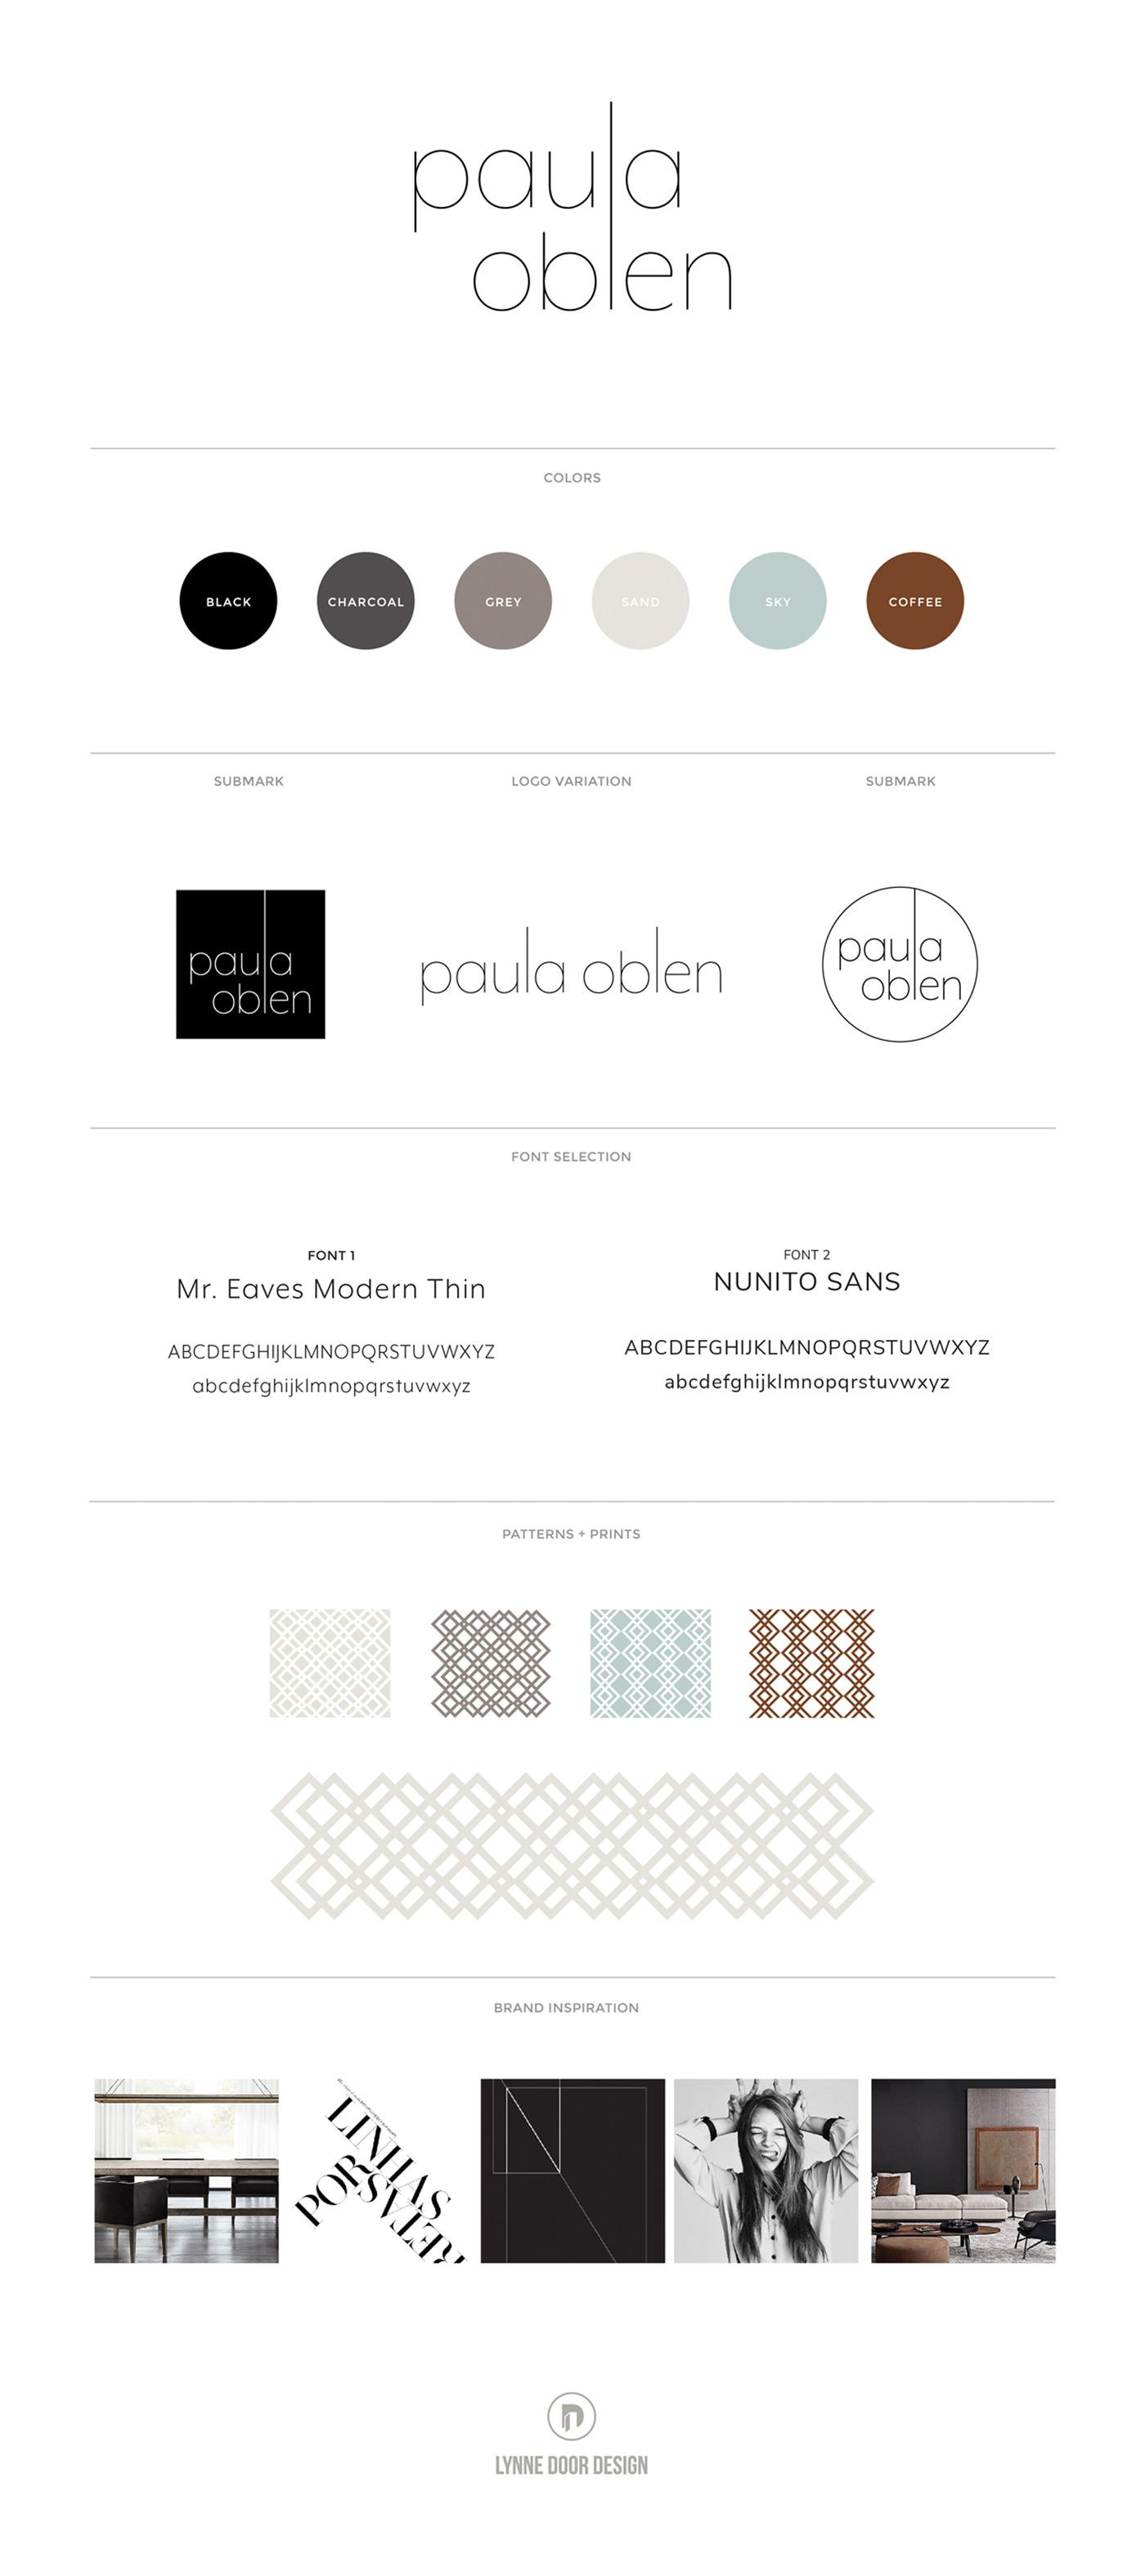 LDD WORK Paula Oblen Brand Board